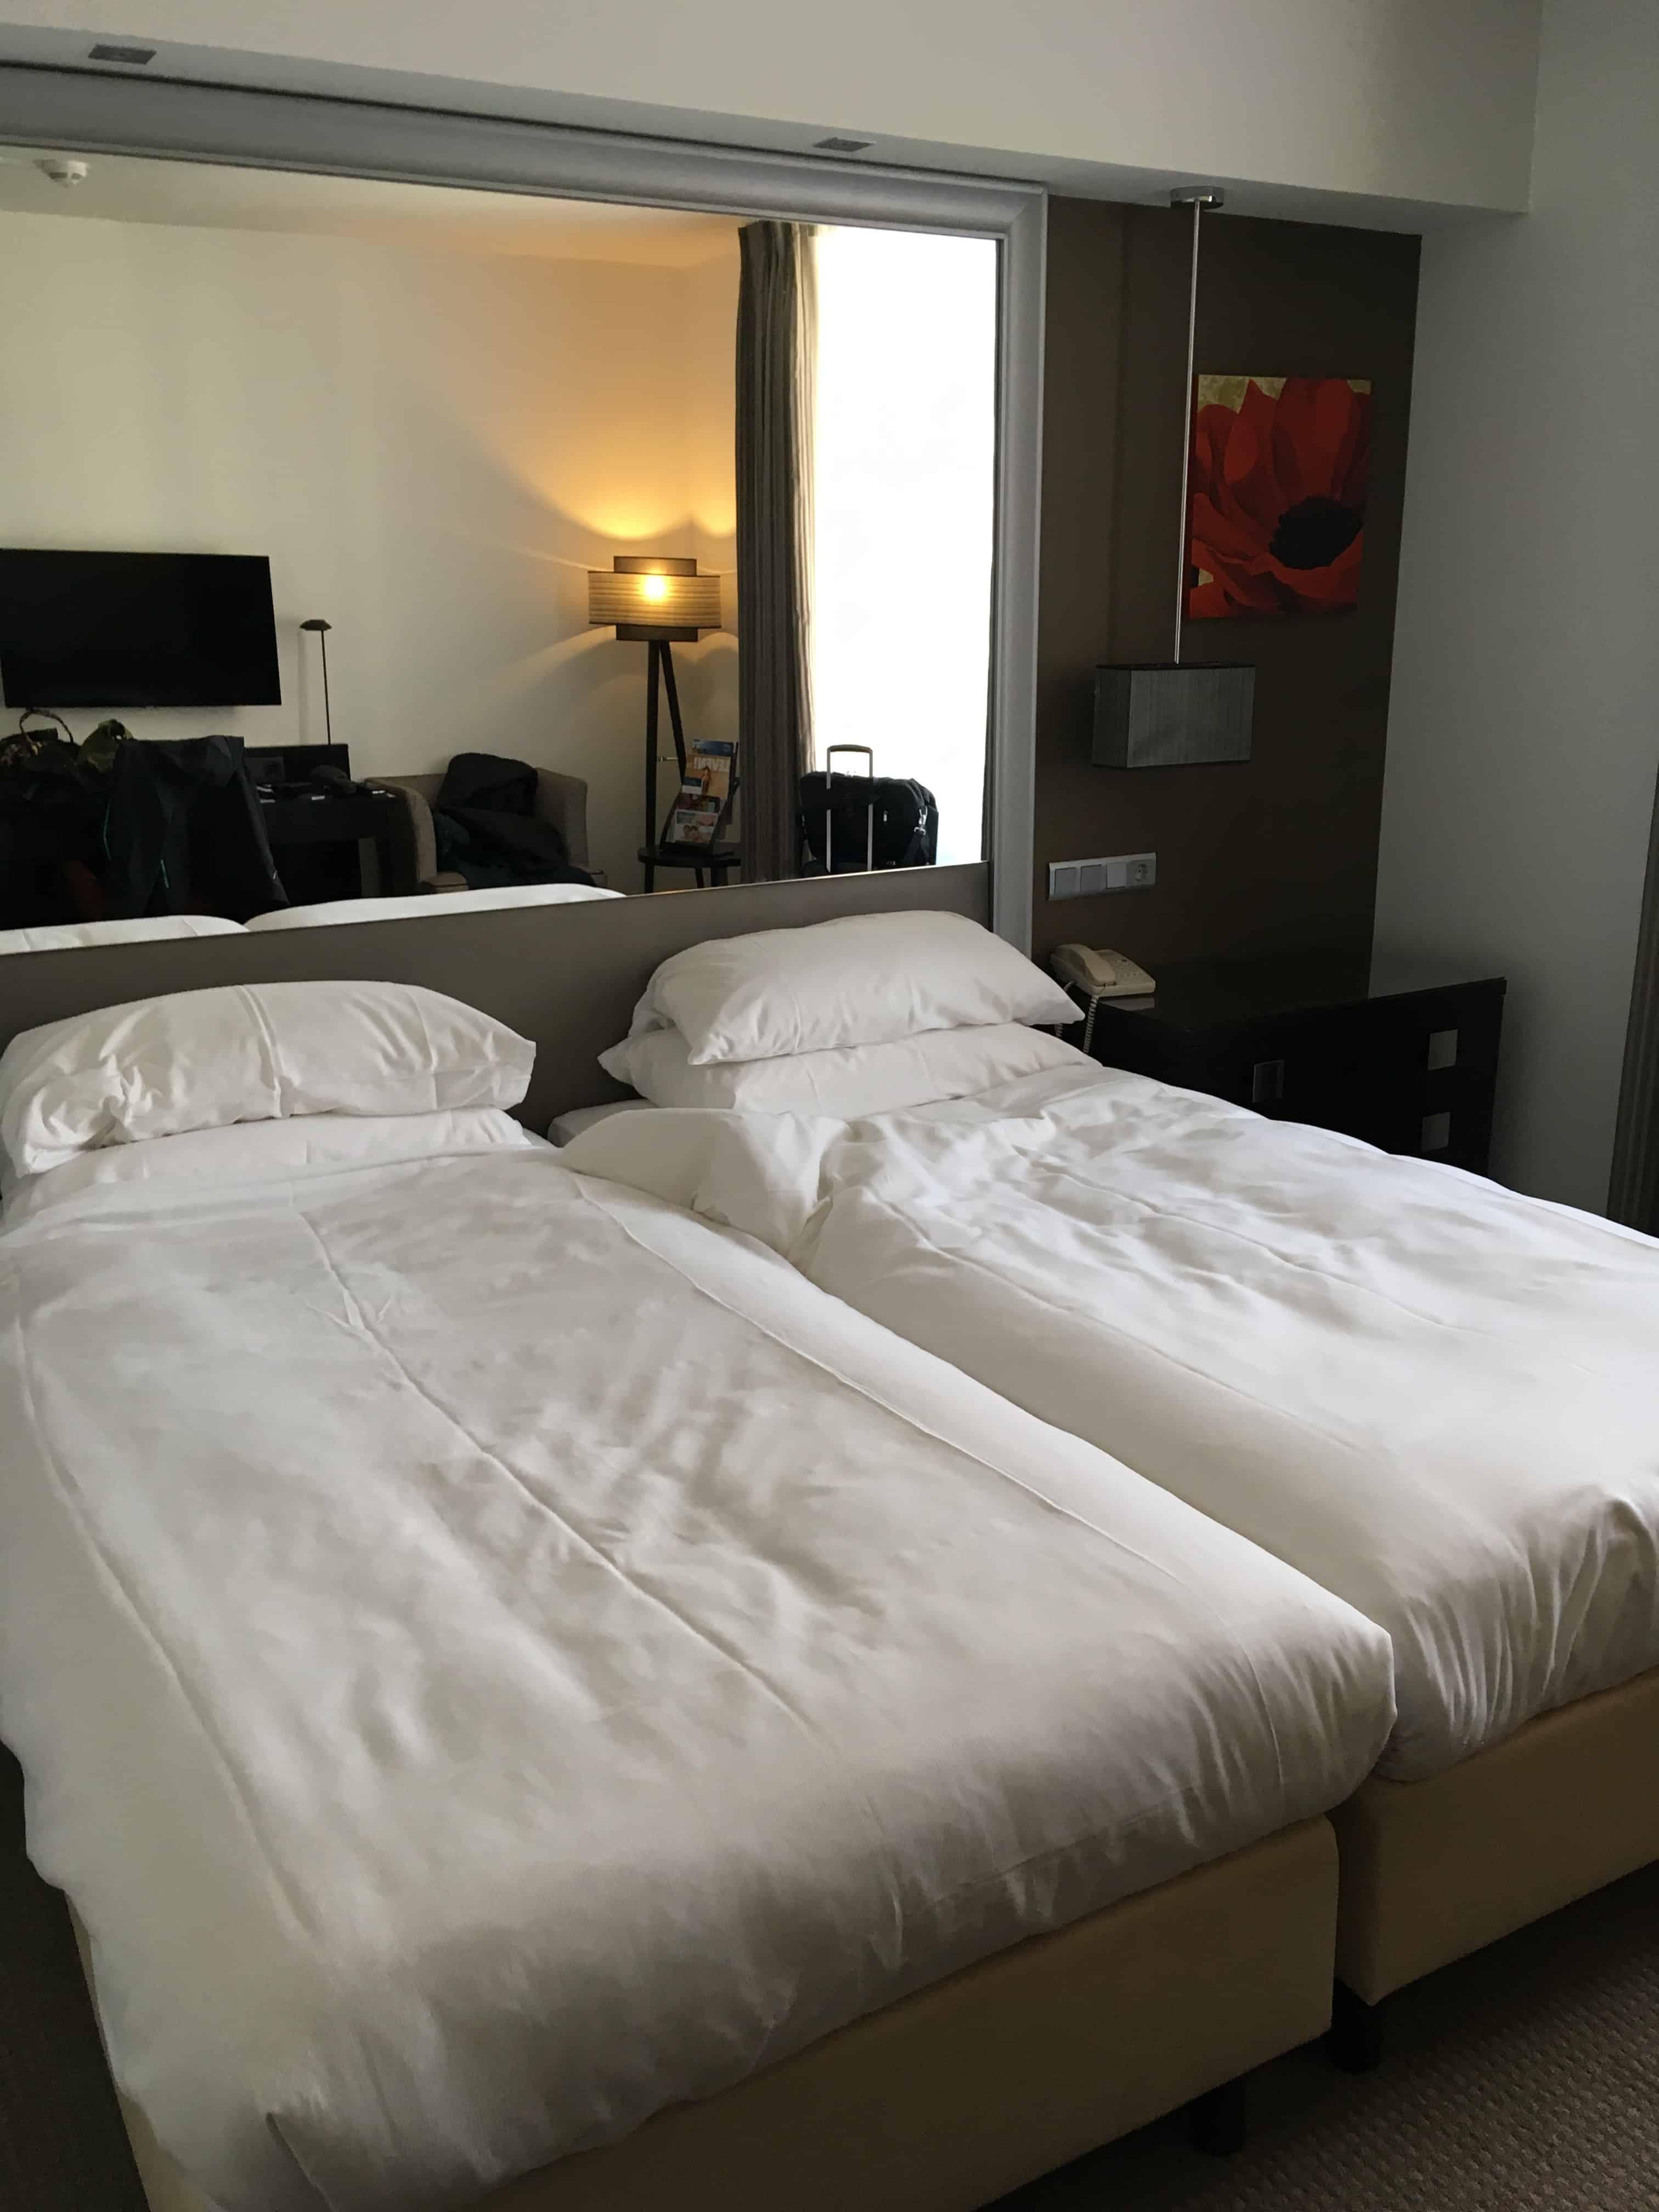 Vores hotelværelse på The Kurhaus